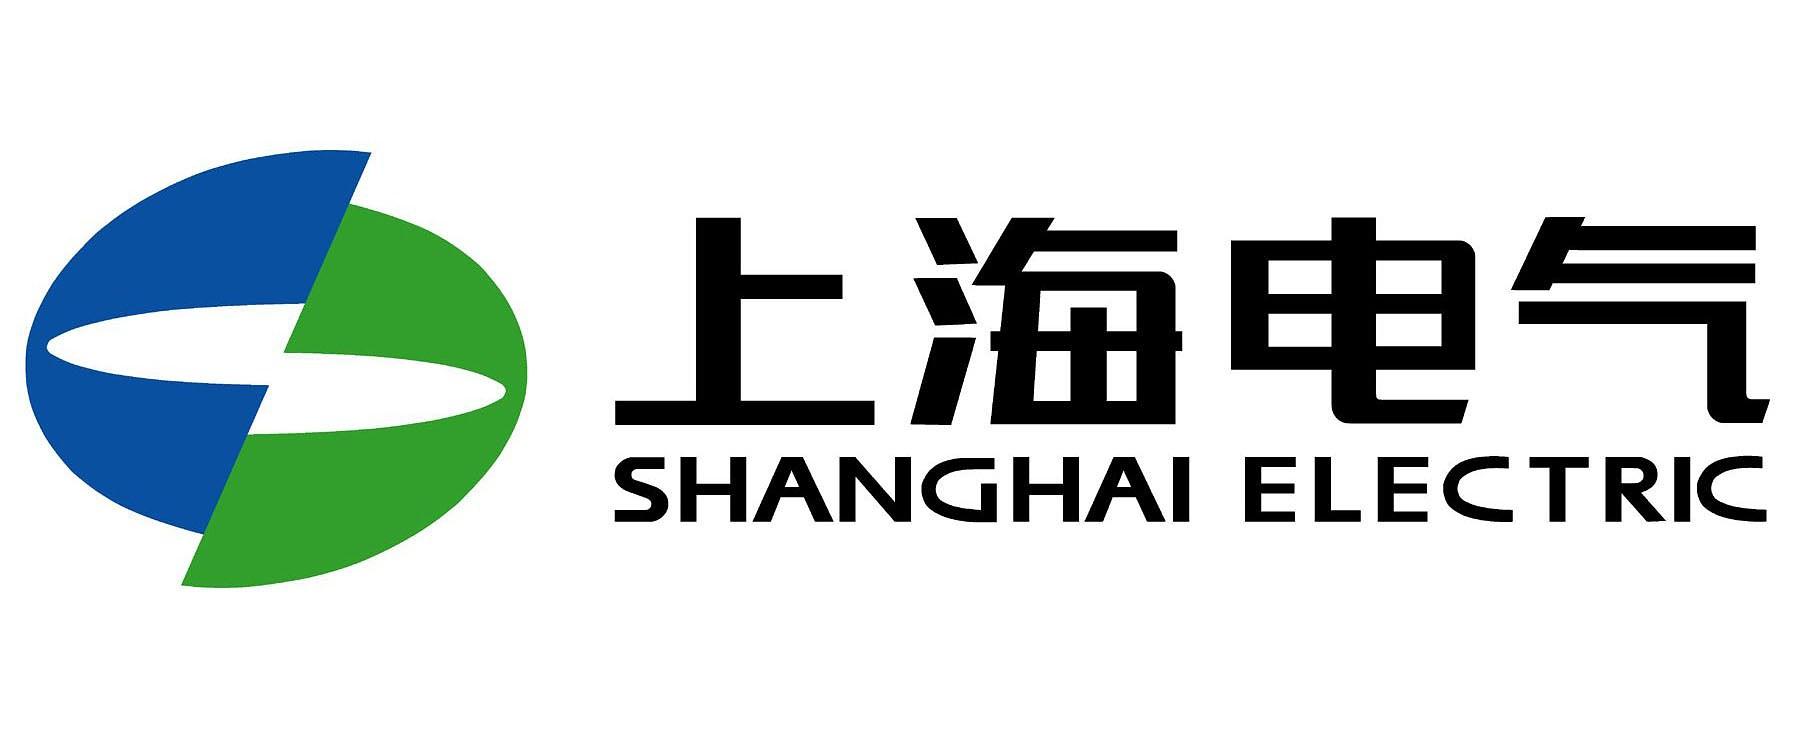 74上海电气集团.jpg